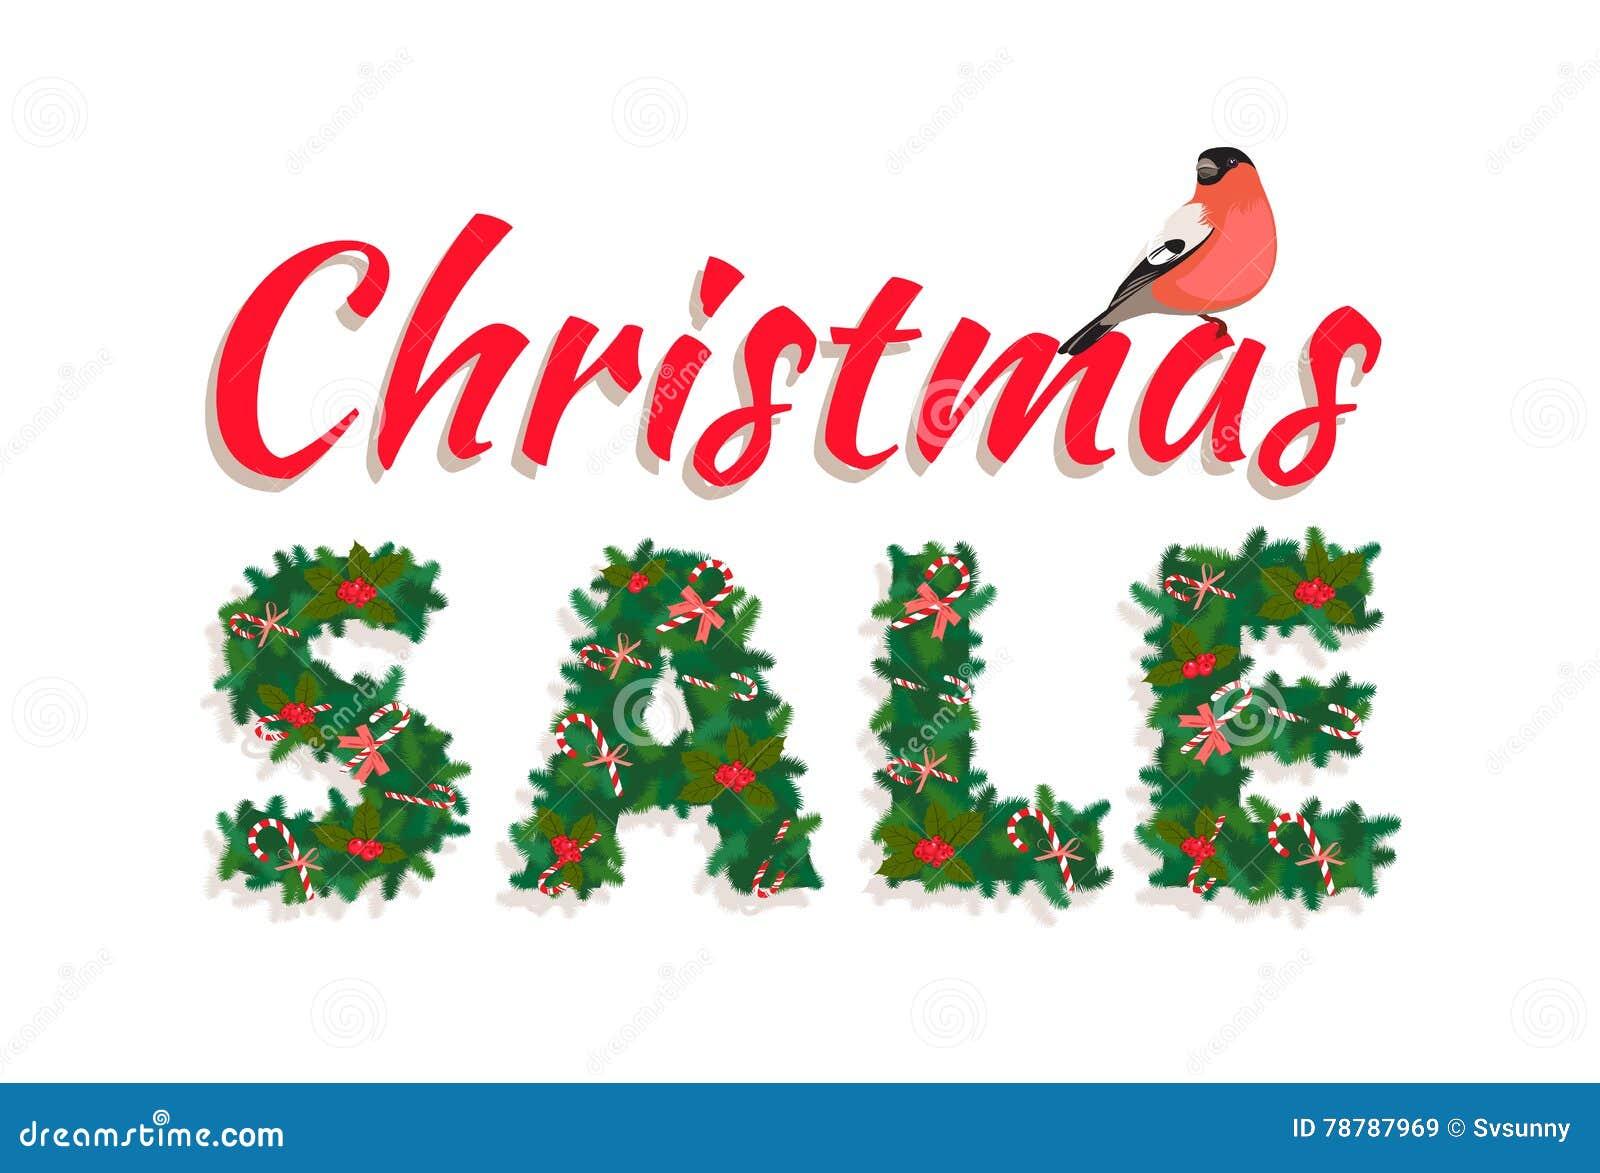 Weihnachtsbaum Girlande.Festliche Weihnachtsbaum Girlande Neuen Jahres Verkaufsbeschriftung